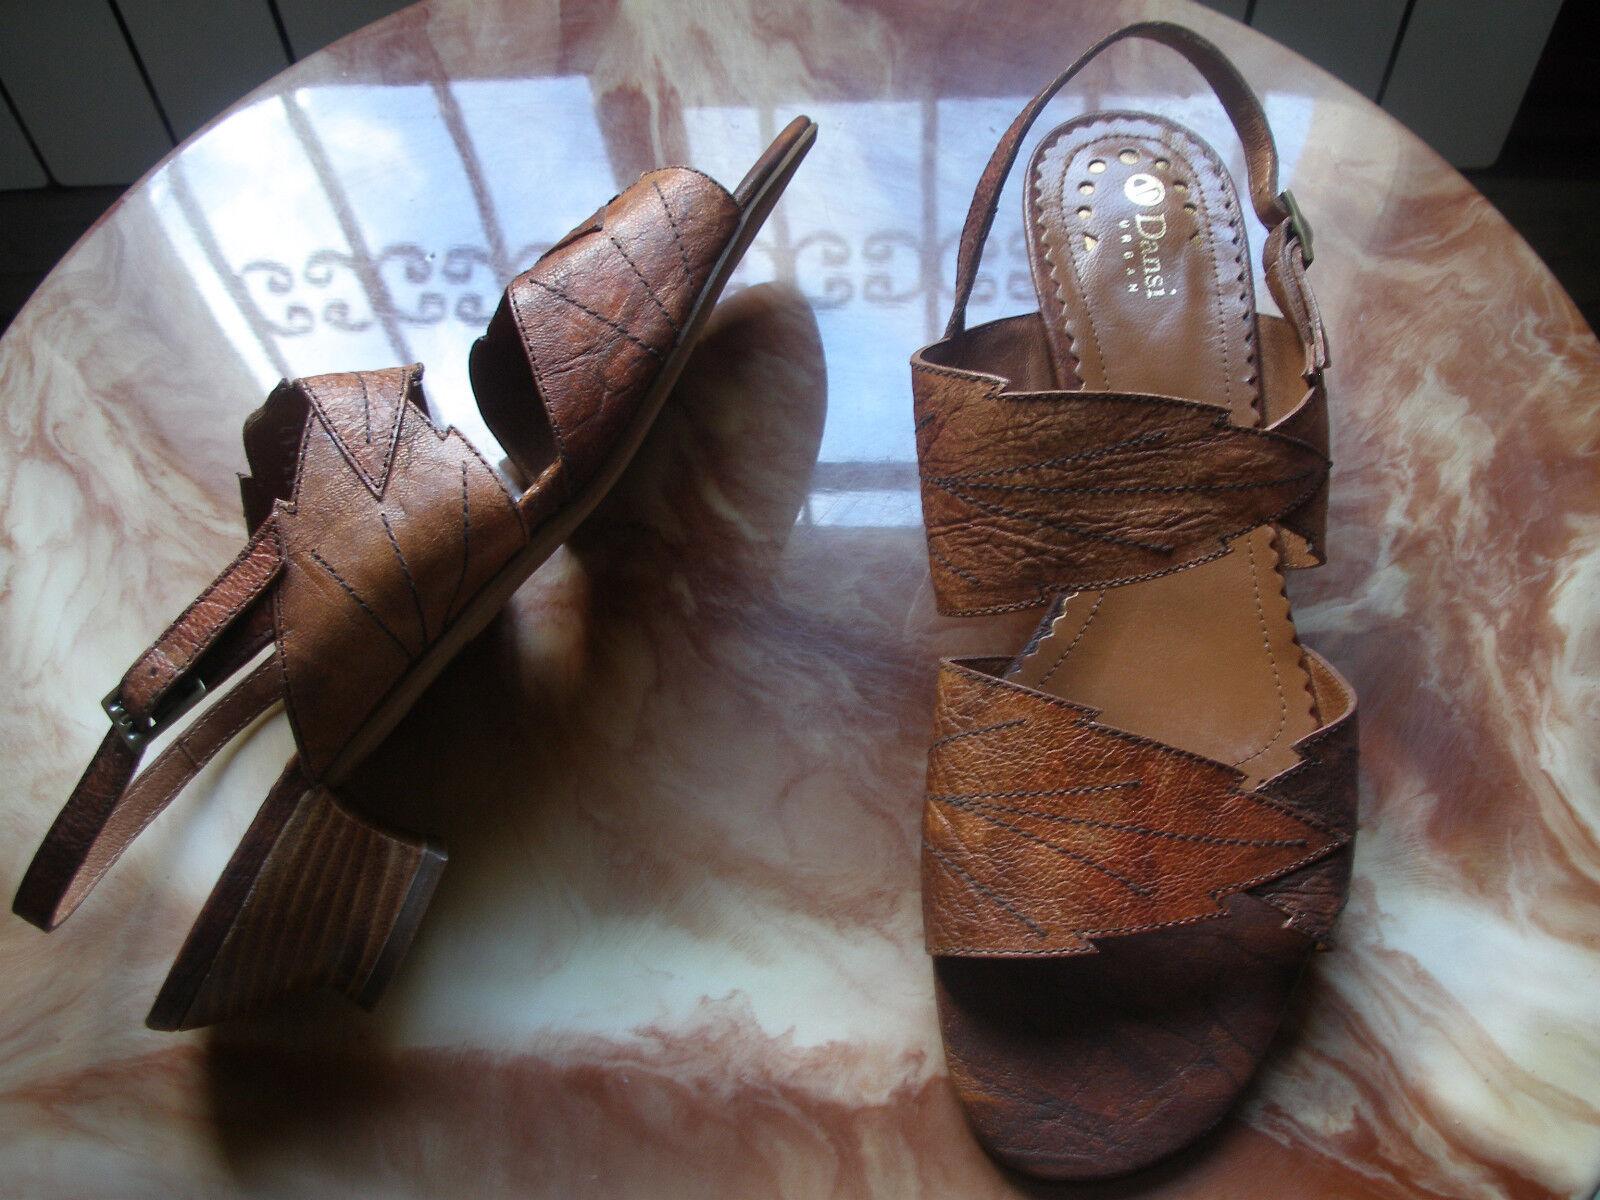 Nº 42 REBAJAS Dansi preciosas preciosas preciosas sandalias Piel Natural, mujer talla   marrón hojas b46924